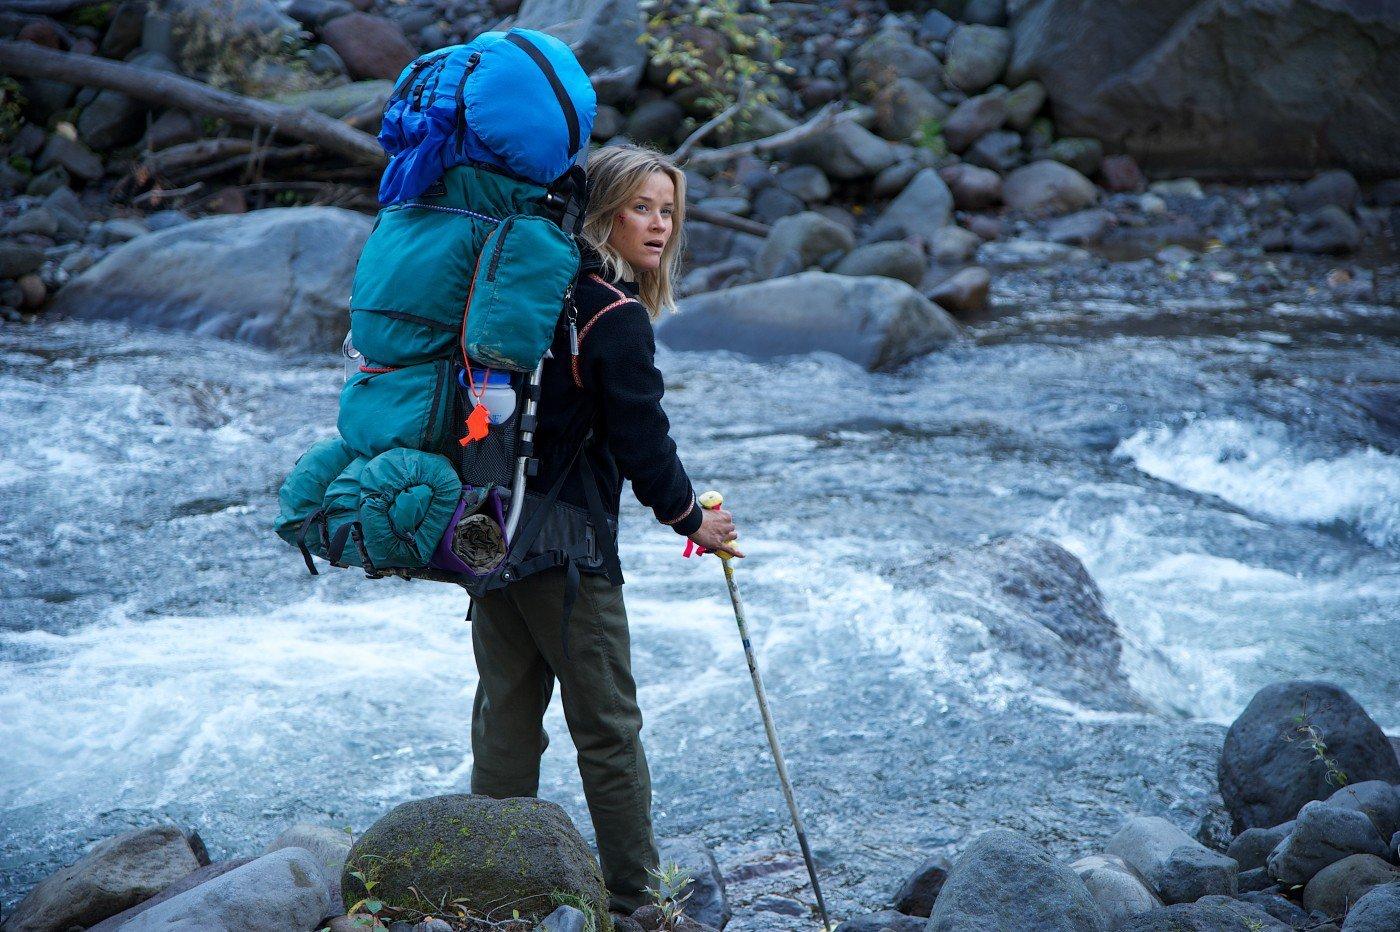 Туристический рюкзак Tatonka для комфортных путешествий – выбор знающих путников